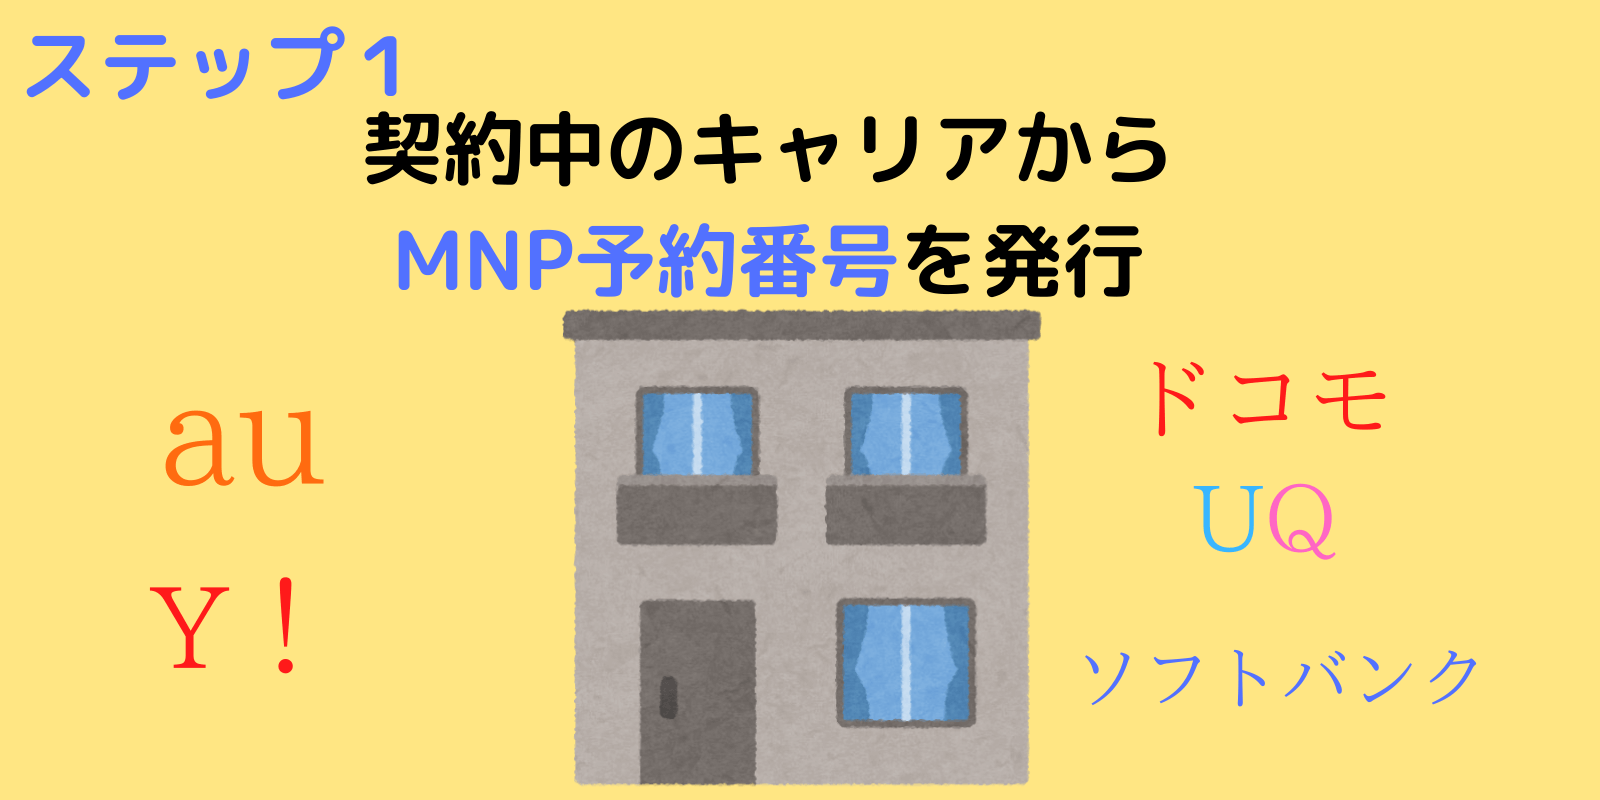 契約中のキャリアからMNP予約番号を発行